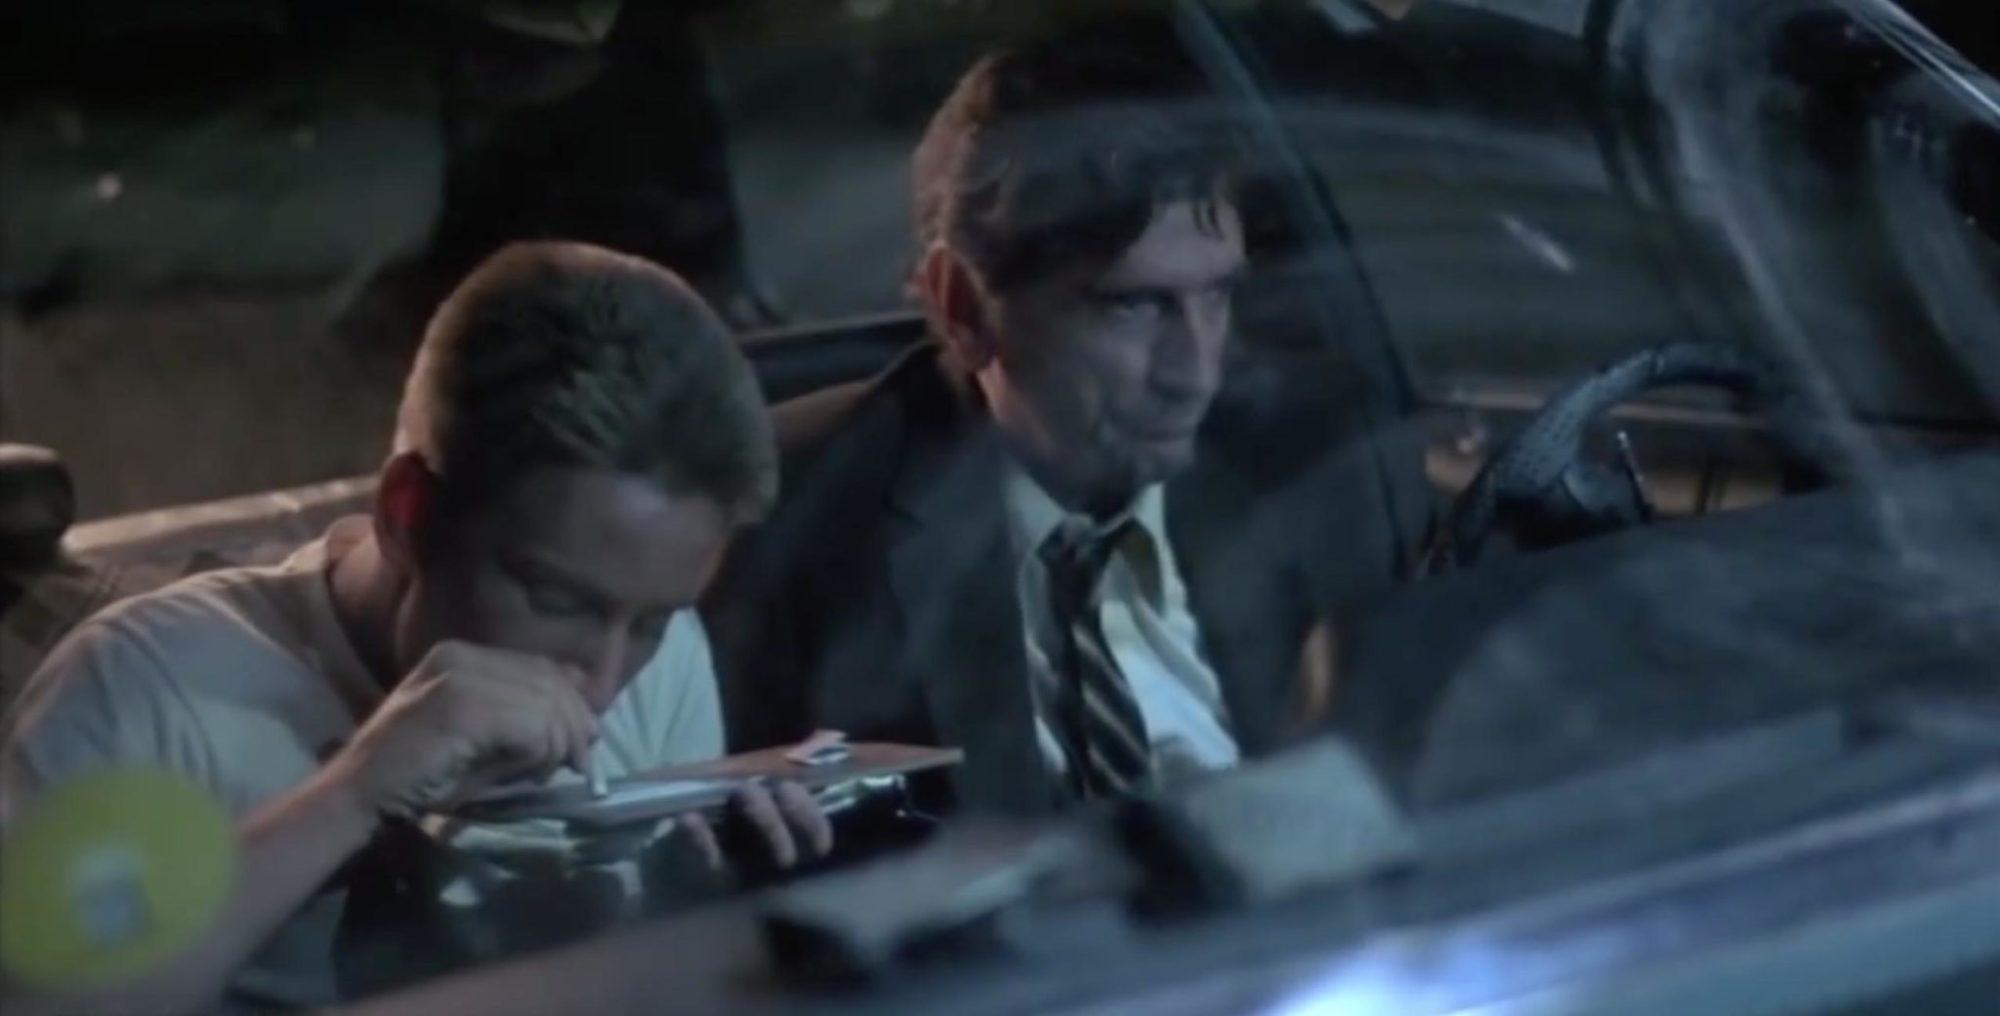 Emilio Estevez and Harry Dean Stanton in Repo Man (1984)